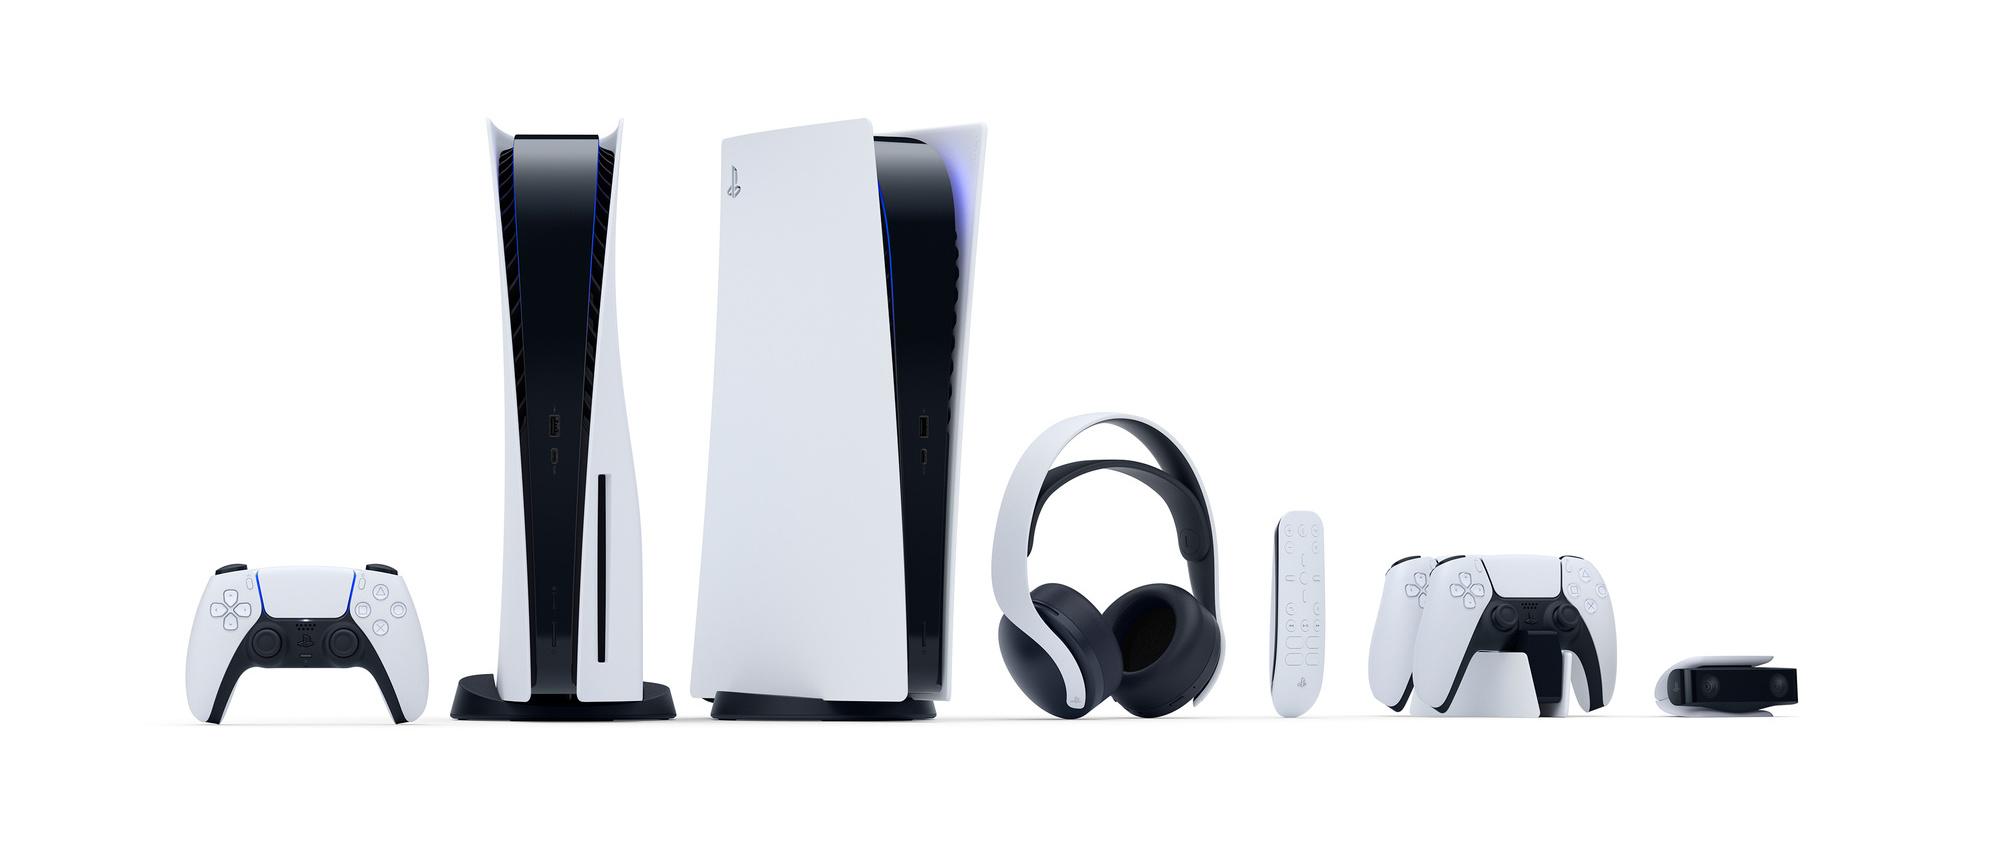 De PS5 met accessoires., Sony